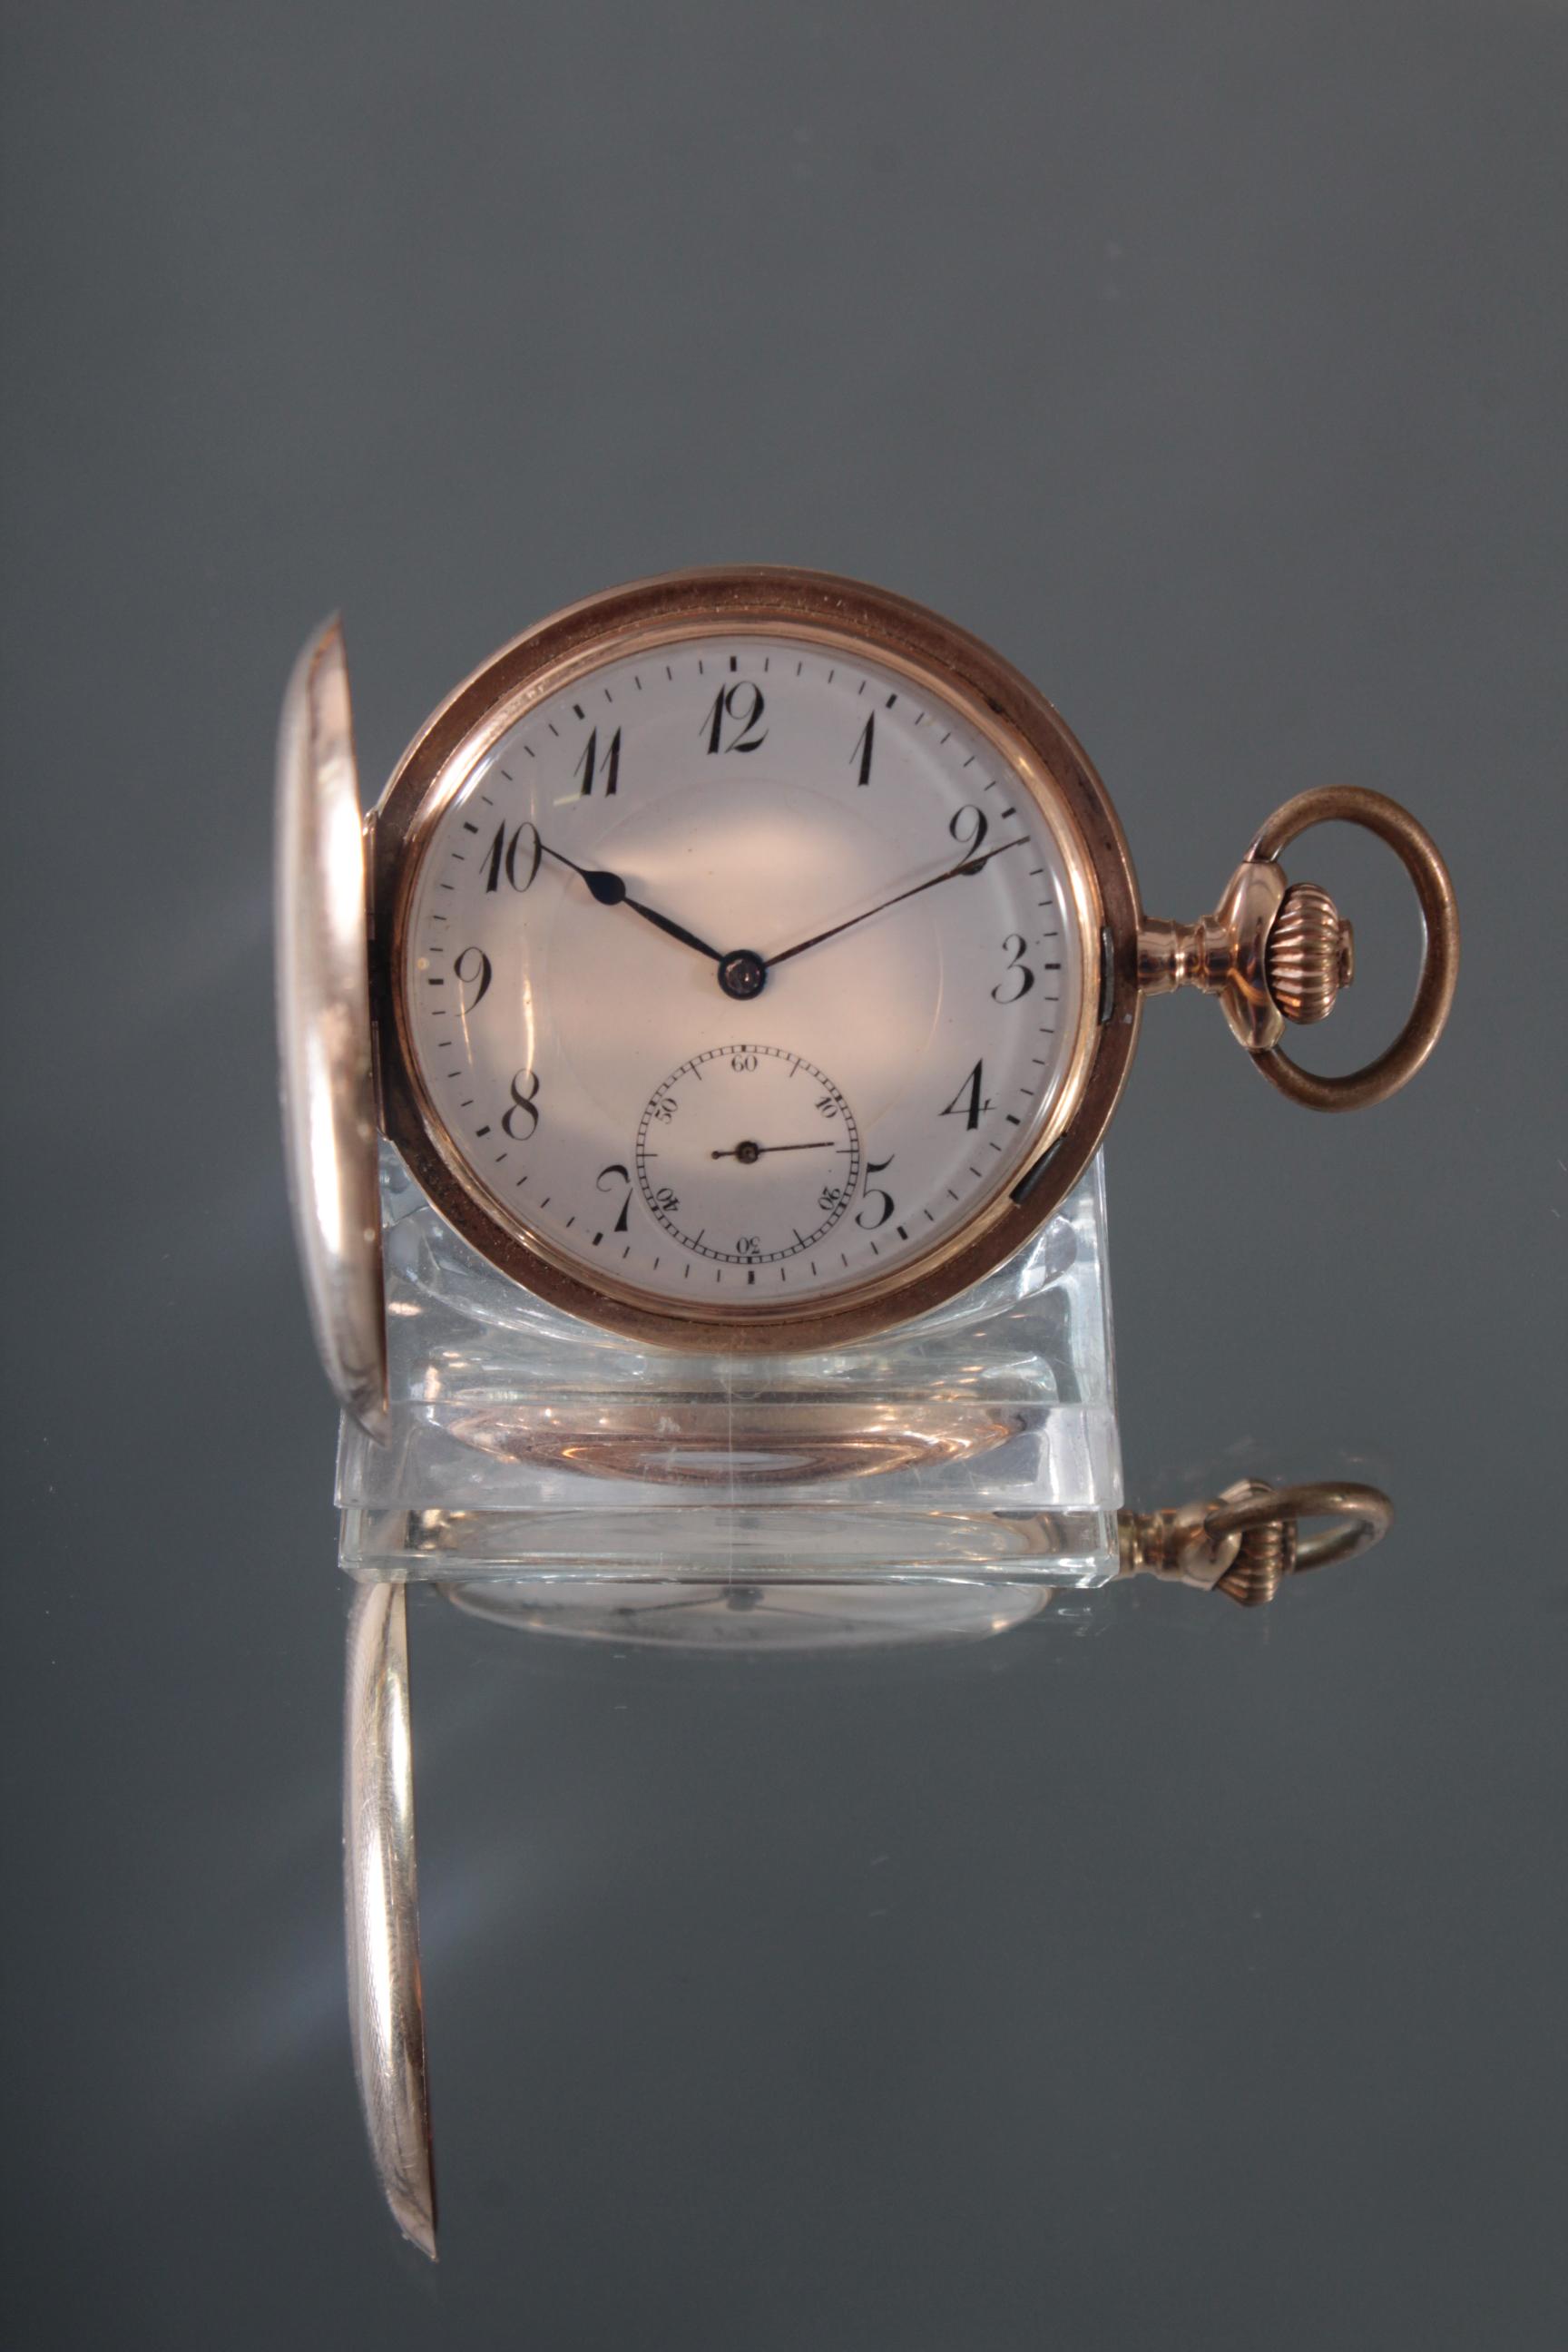 Herrentaschenuhr aus 14 Karat Gold um 1900